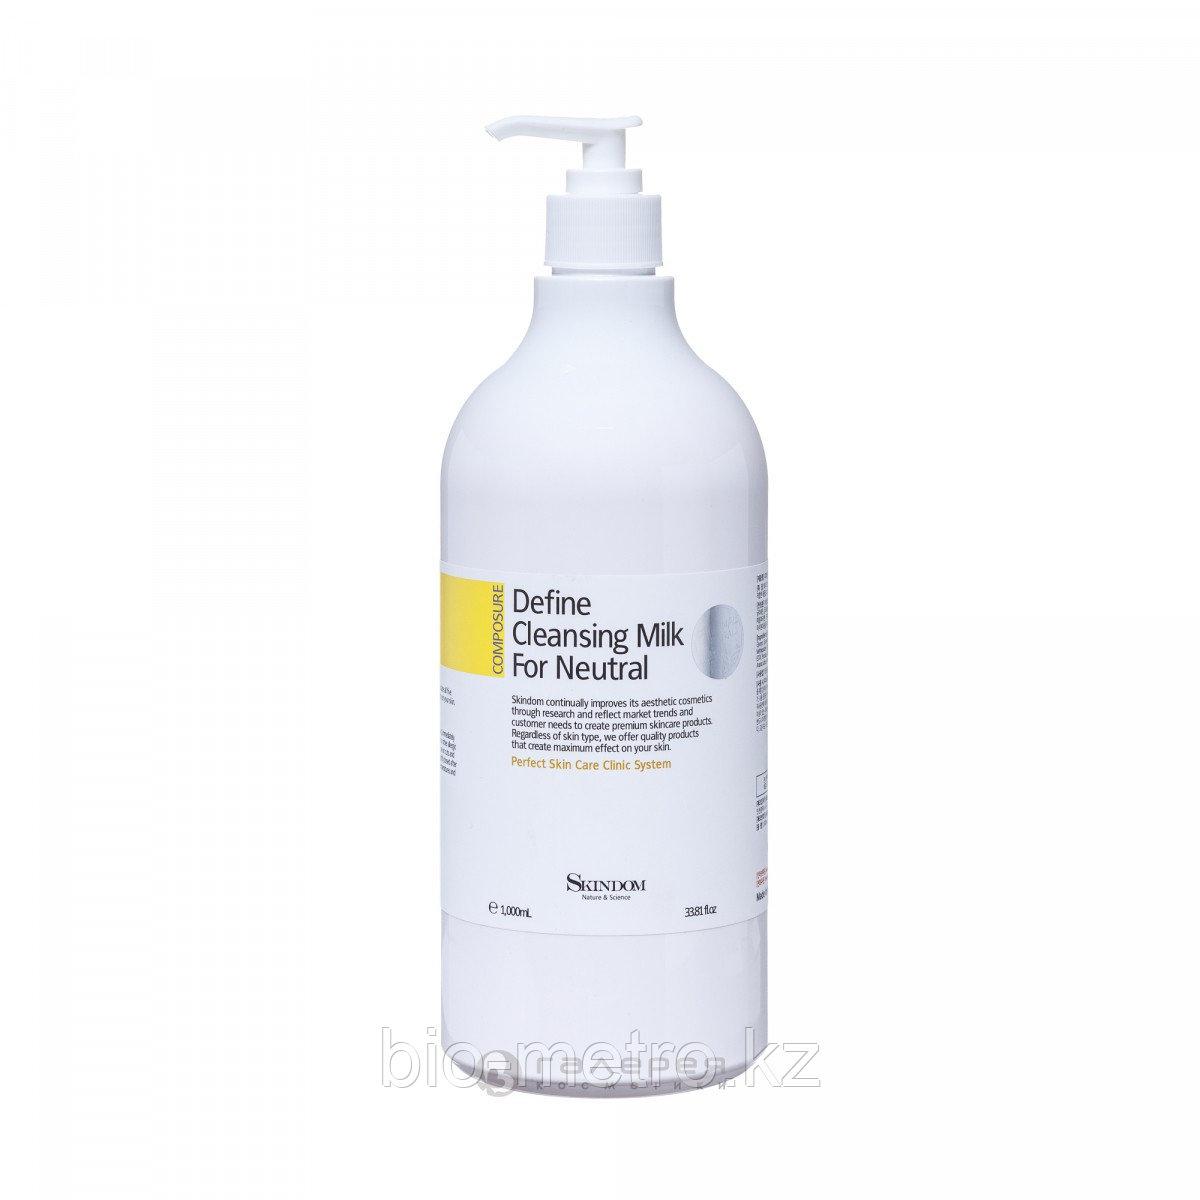 Молочко очищающее для нормальной кожи / DEFINE CLEANSING MILK FOR NEUTRAL 1000 мл/220